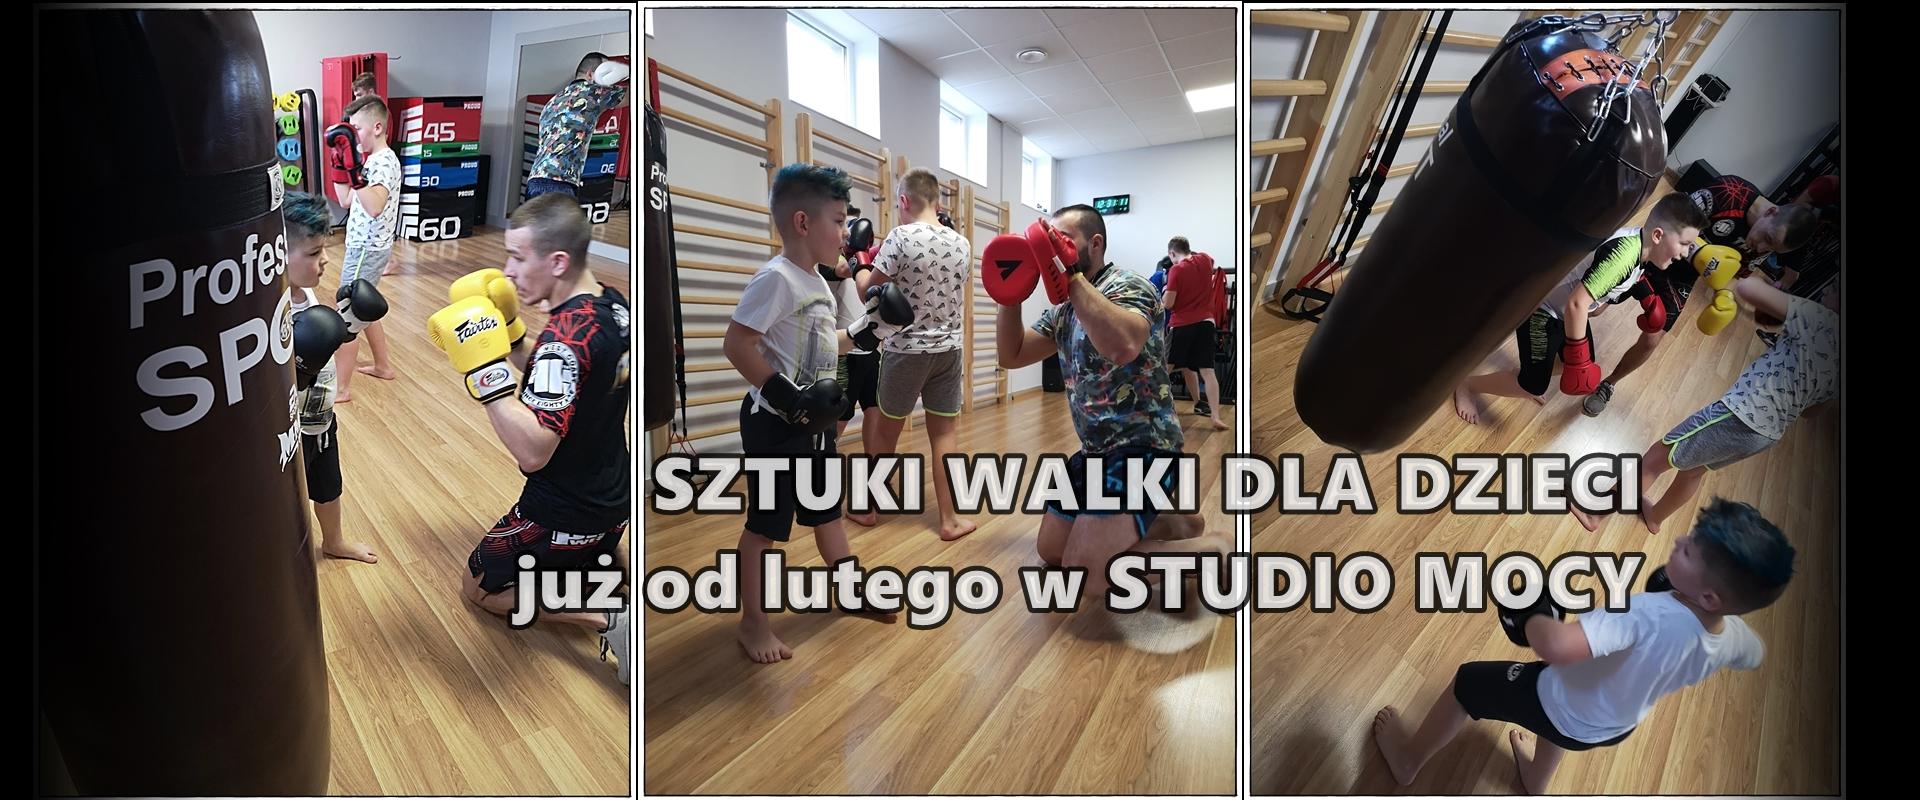 Sztuki walki dla najmłodszych w Studio Mocy Kolbuszowa